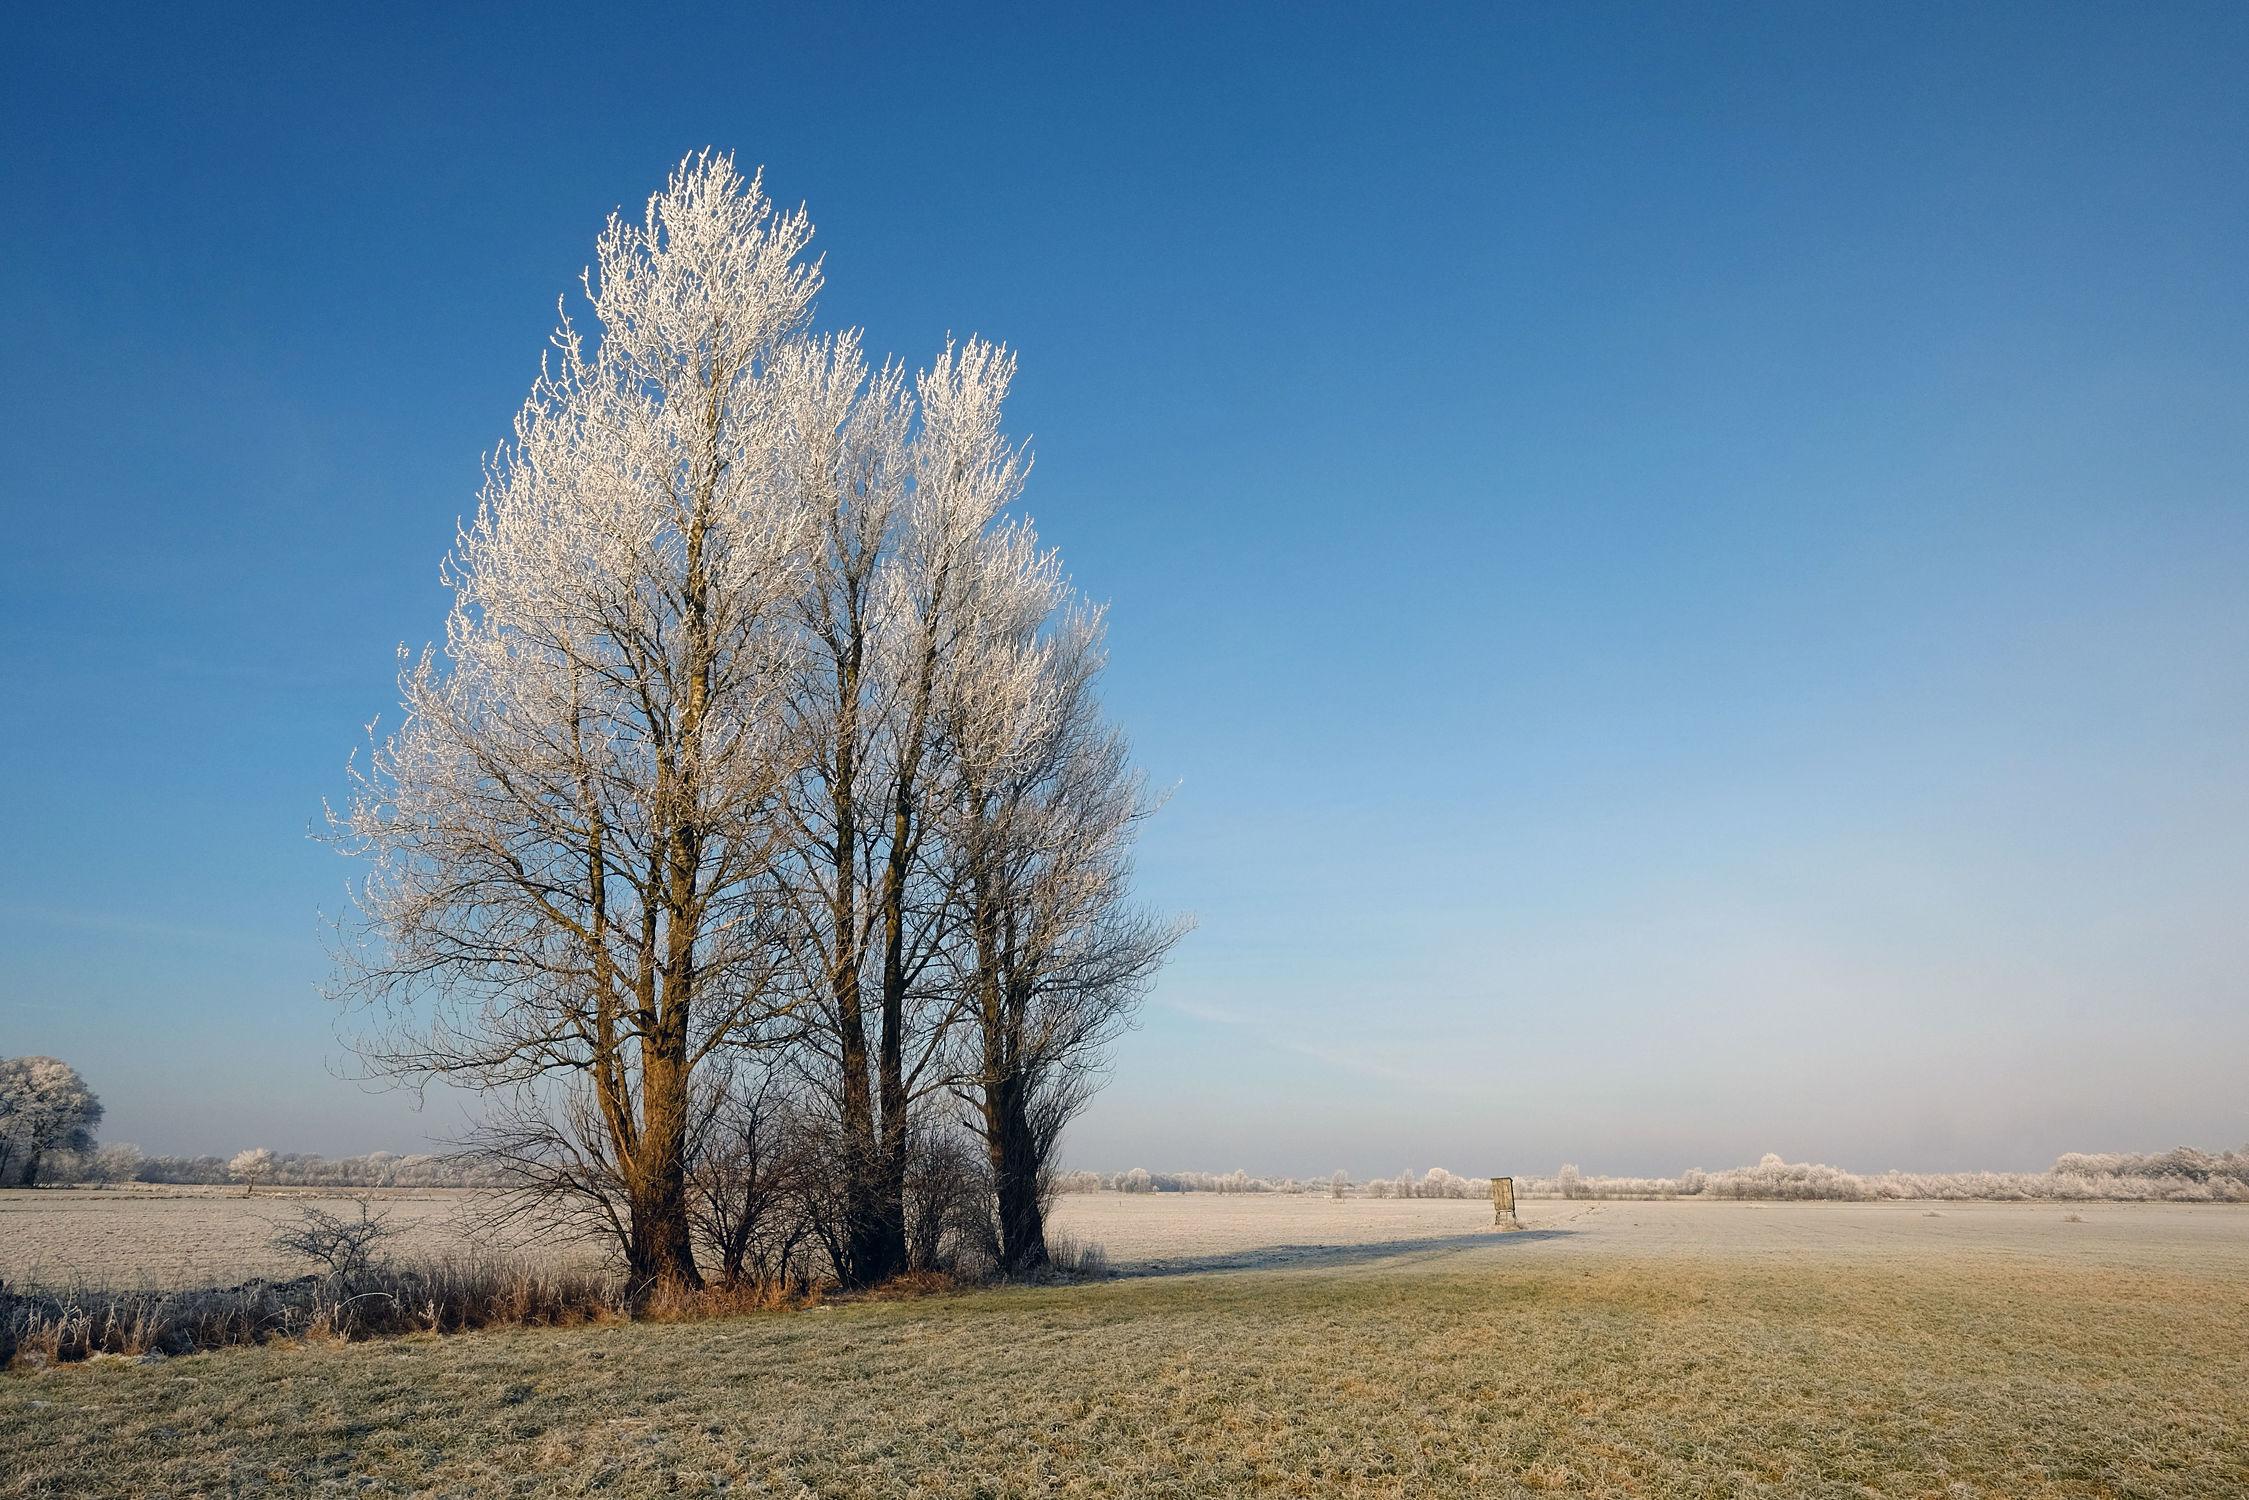 Bild mit Himmel, Bäume, Winter, Felder, Wiesen, Wanderwege, Schleswig_Holstein, Raureif, Büsche, Naturpark_Westensee, Westensee, Nortorfer_Land, Nortorf, Bäumereihe, Blau Azur